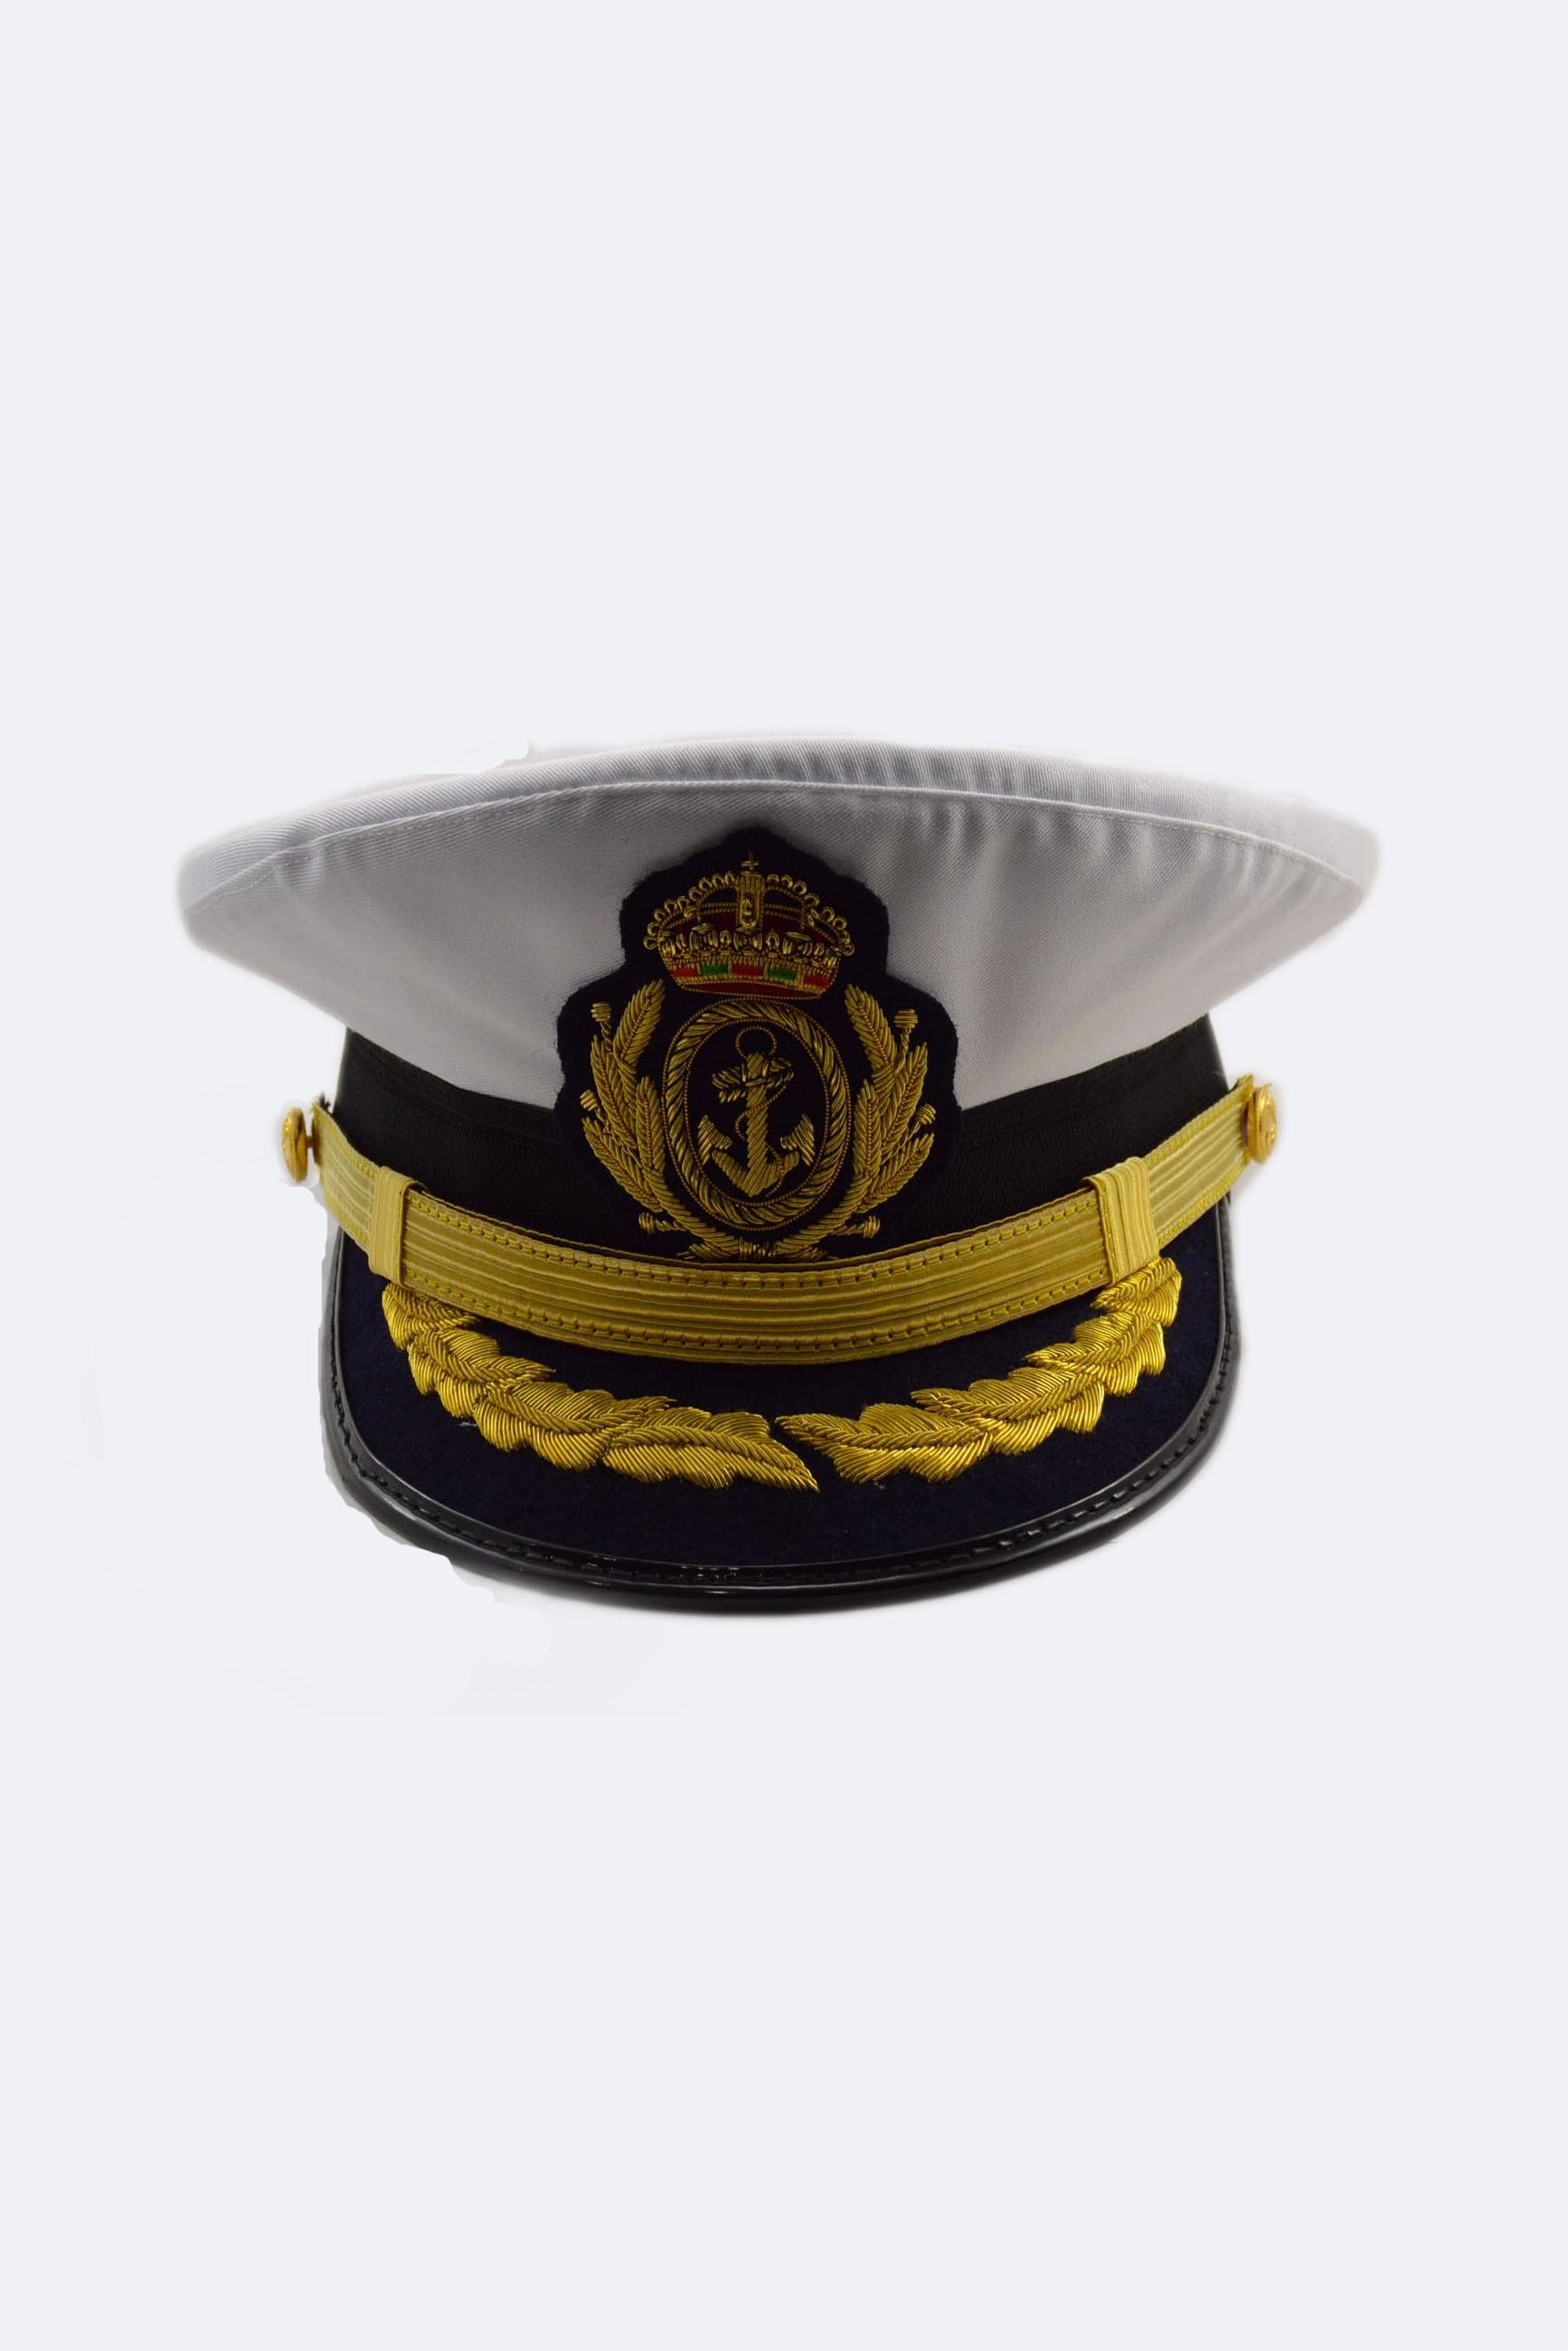 Uniformes de la Armada Española . ca16bc371f1